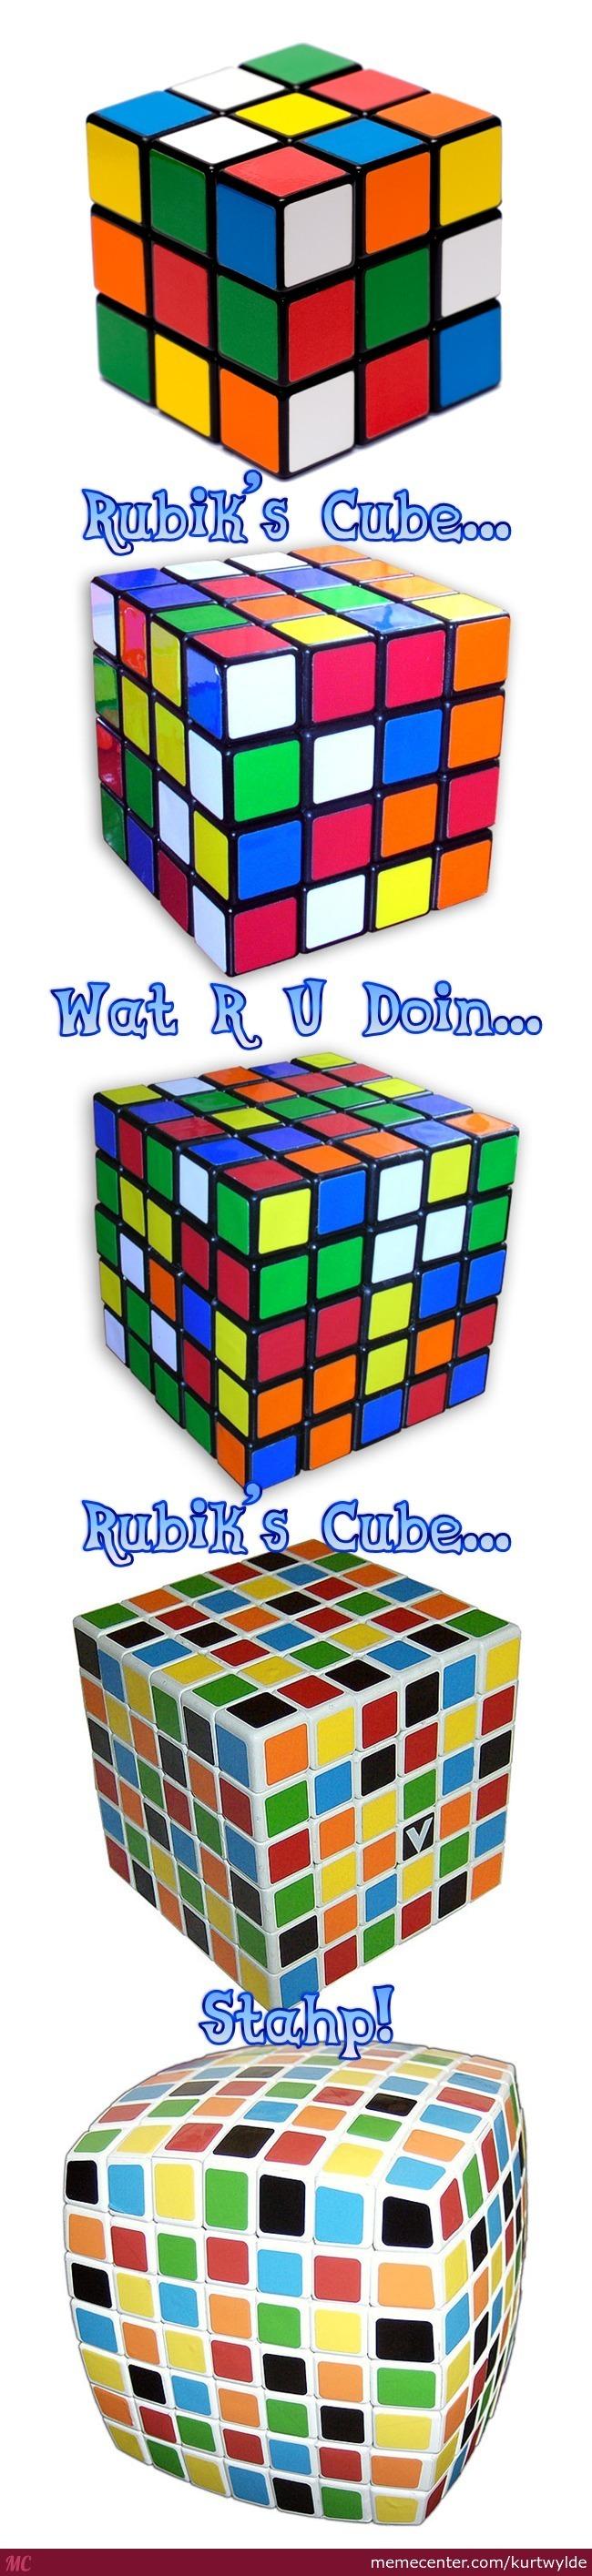 Weirder and weirder Rubik's cubes.